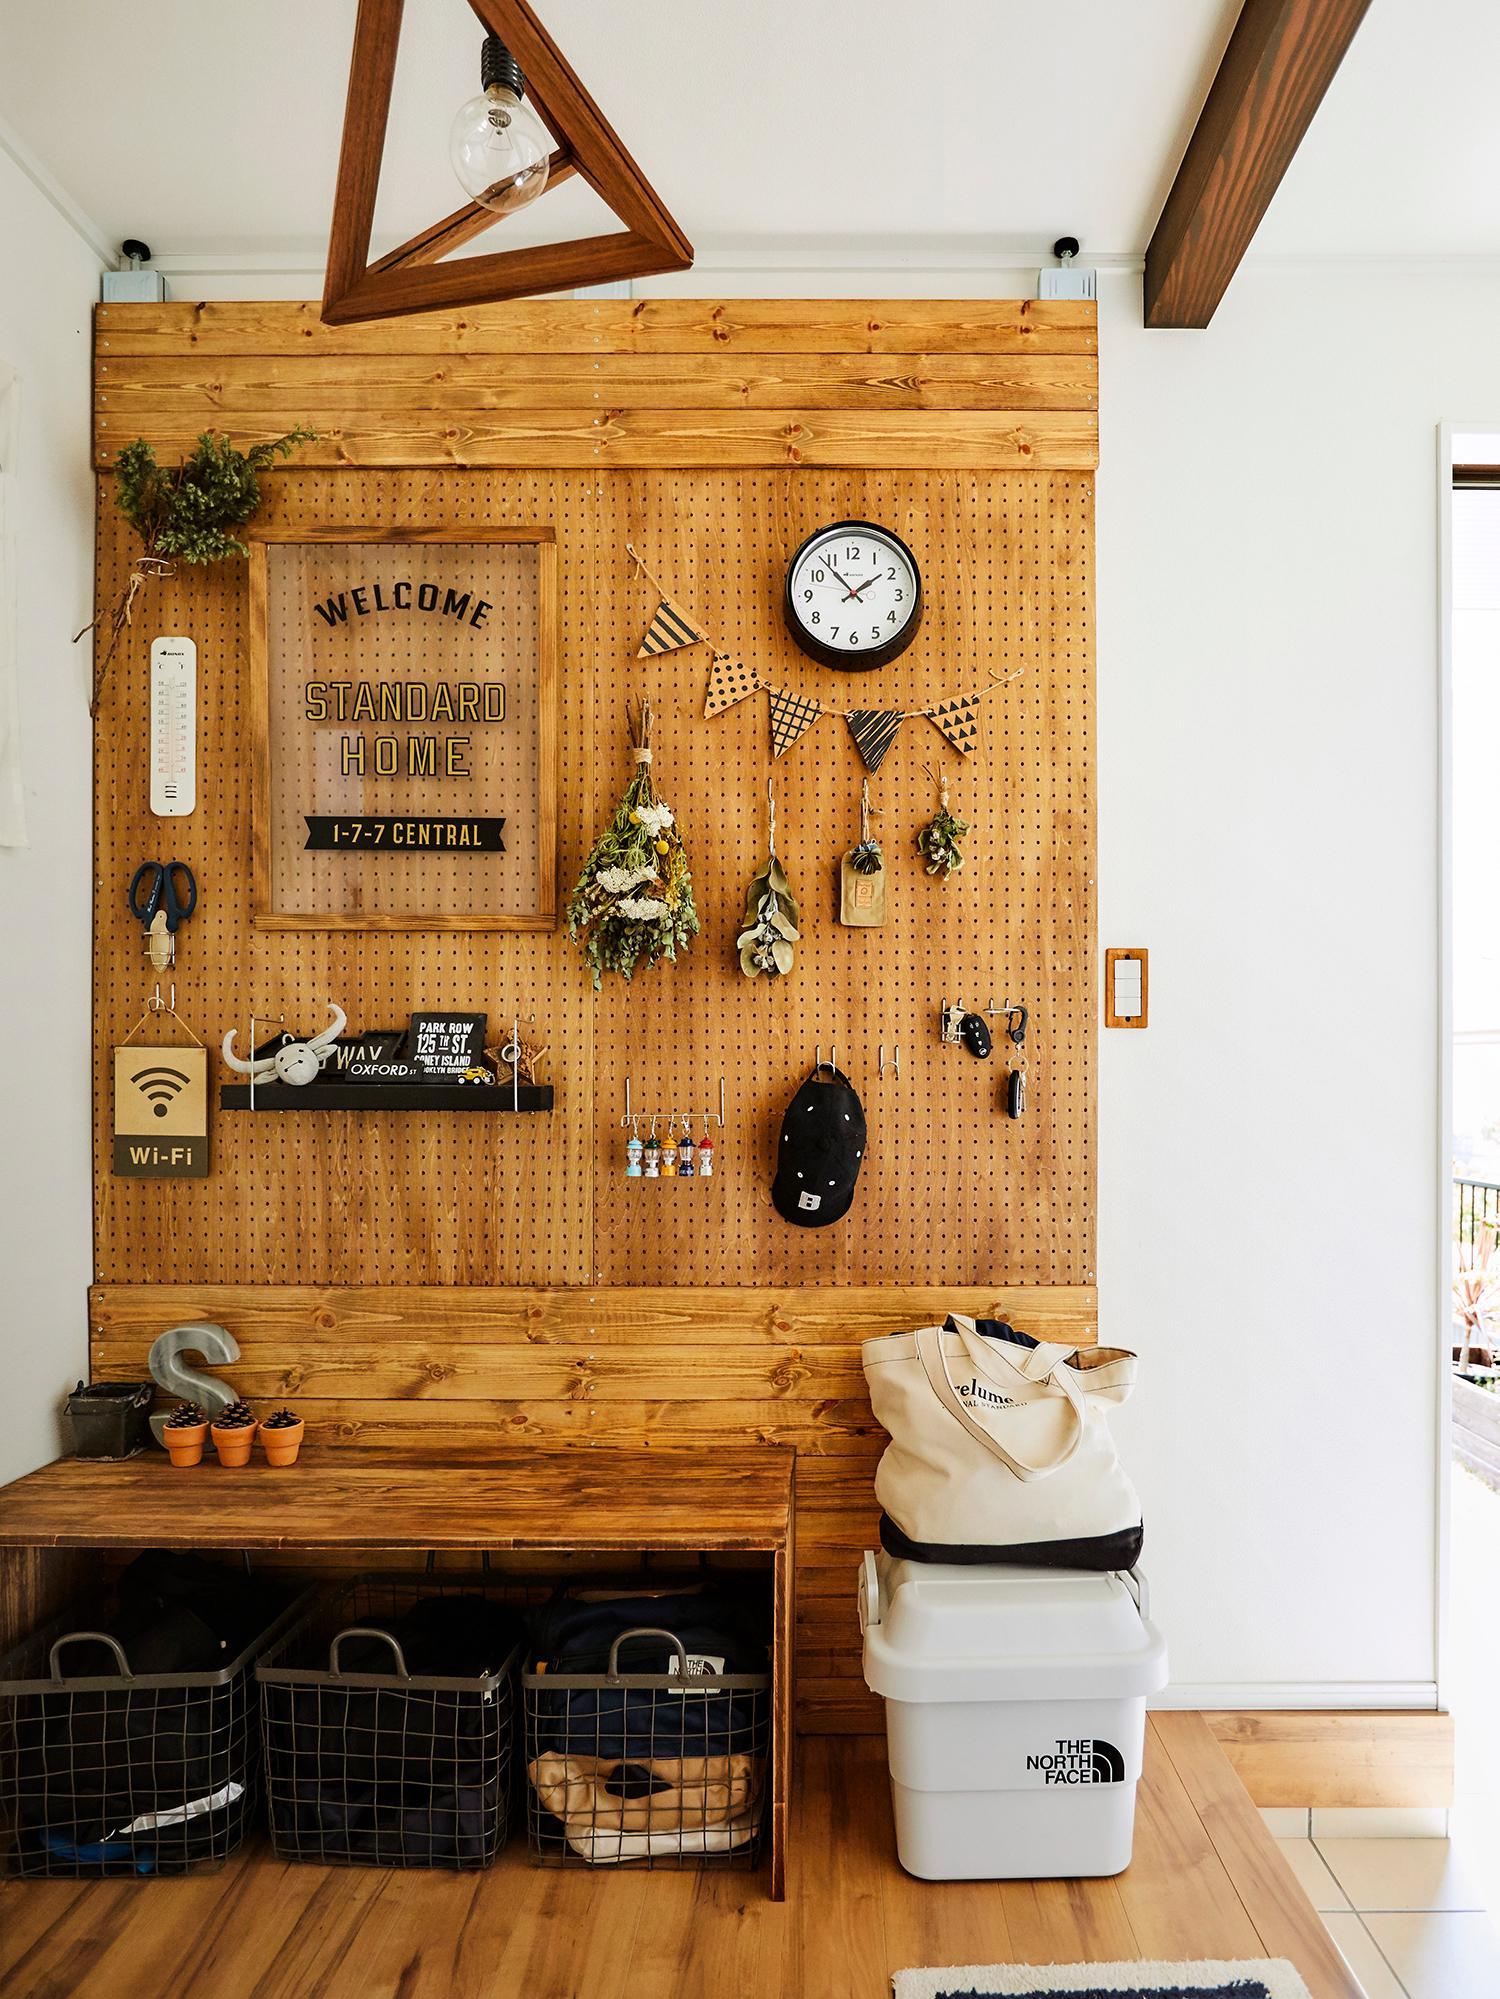 有孔ボードと角材を組み合わせた、手作りのウォールが玄関でお客様をお出迎え。